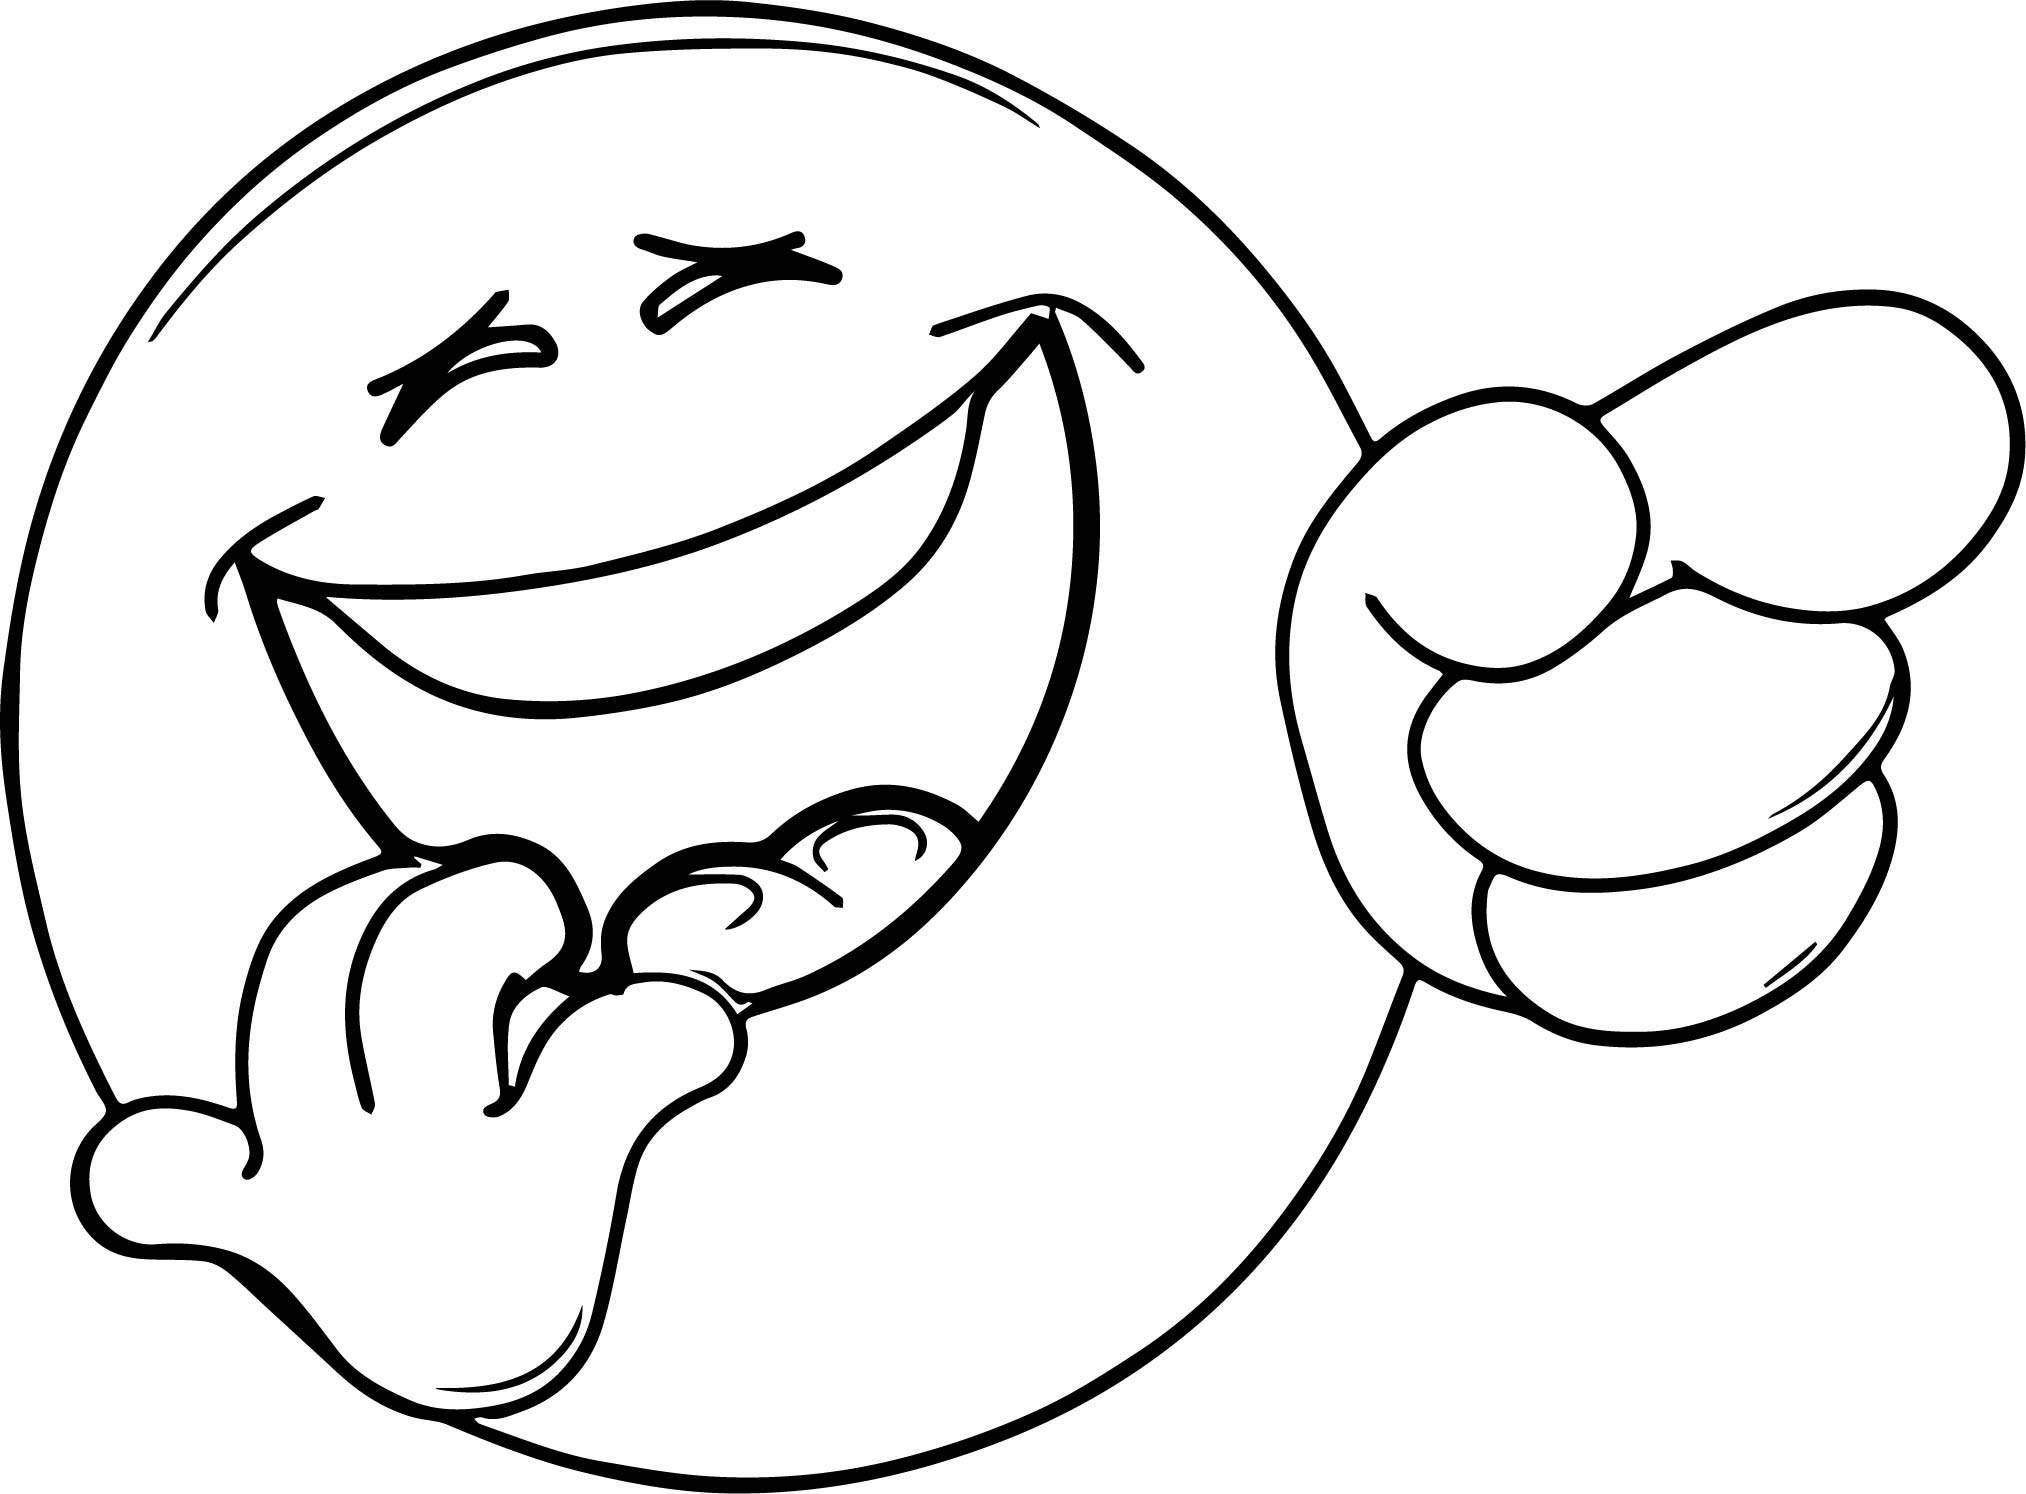 Very Laugh Face Emoticon Coloring Page